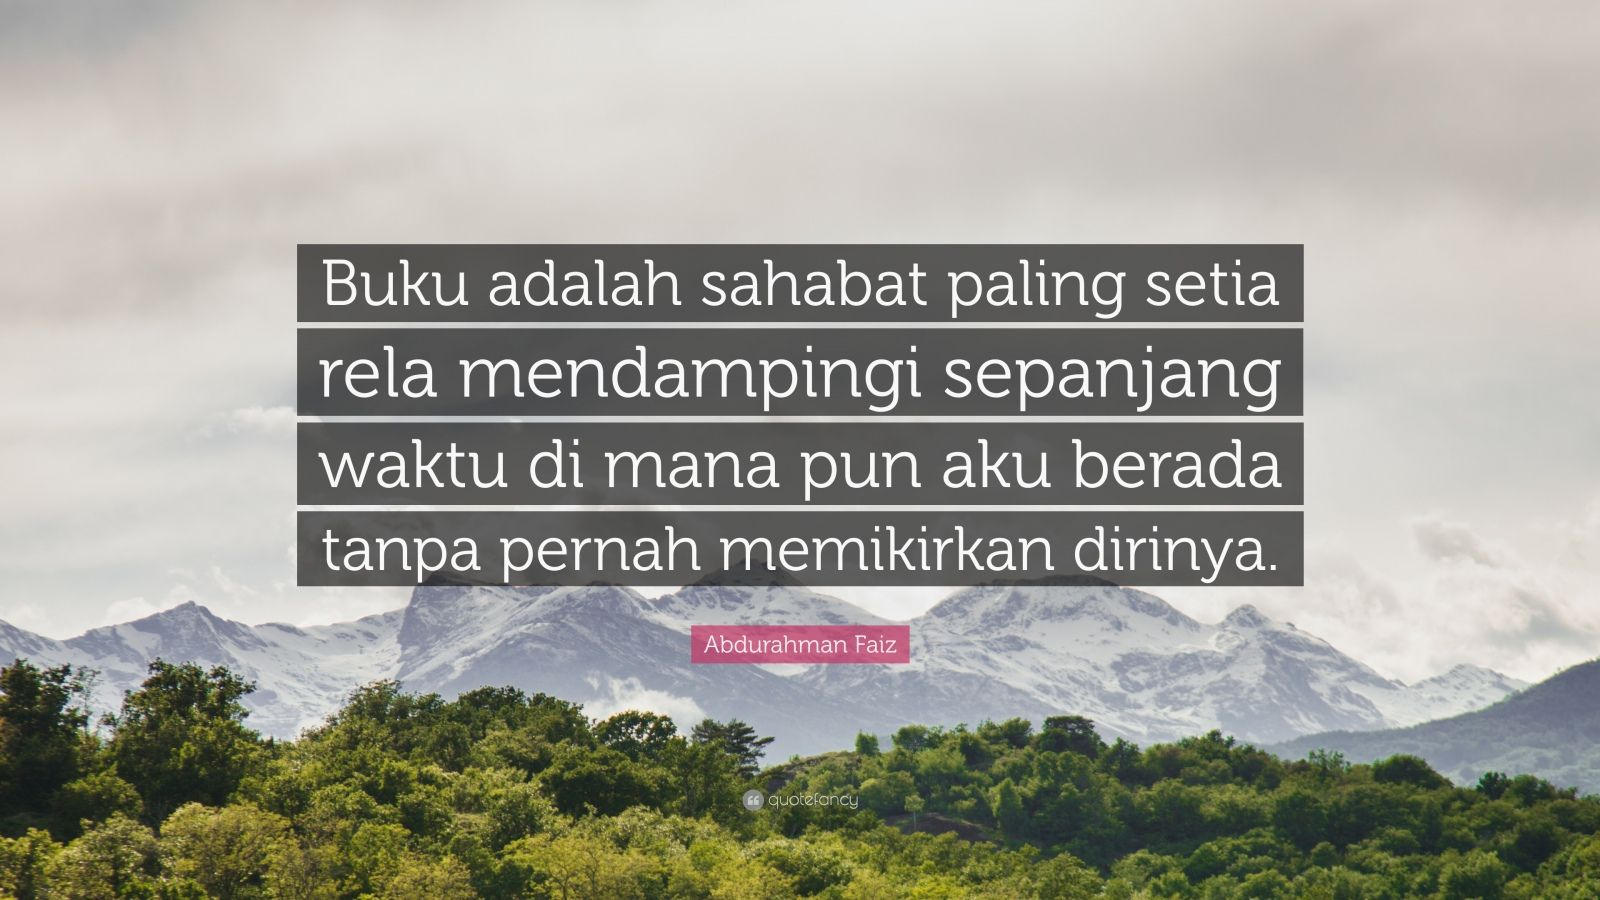 Abdurahman Faiz Quotes (7 wallpapers) - Quotefancy